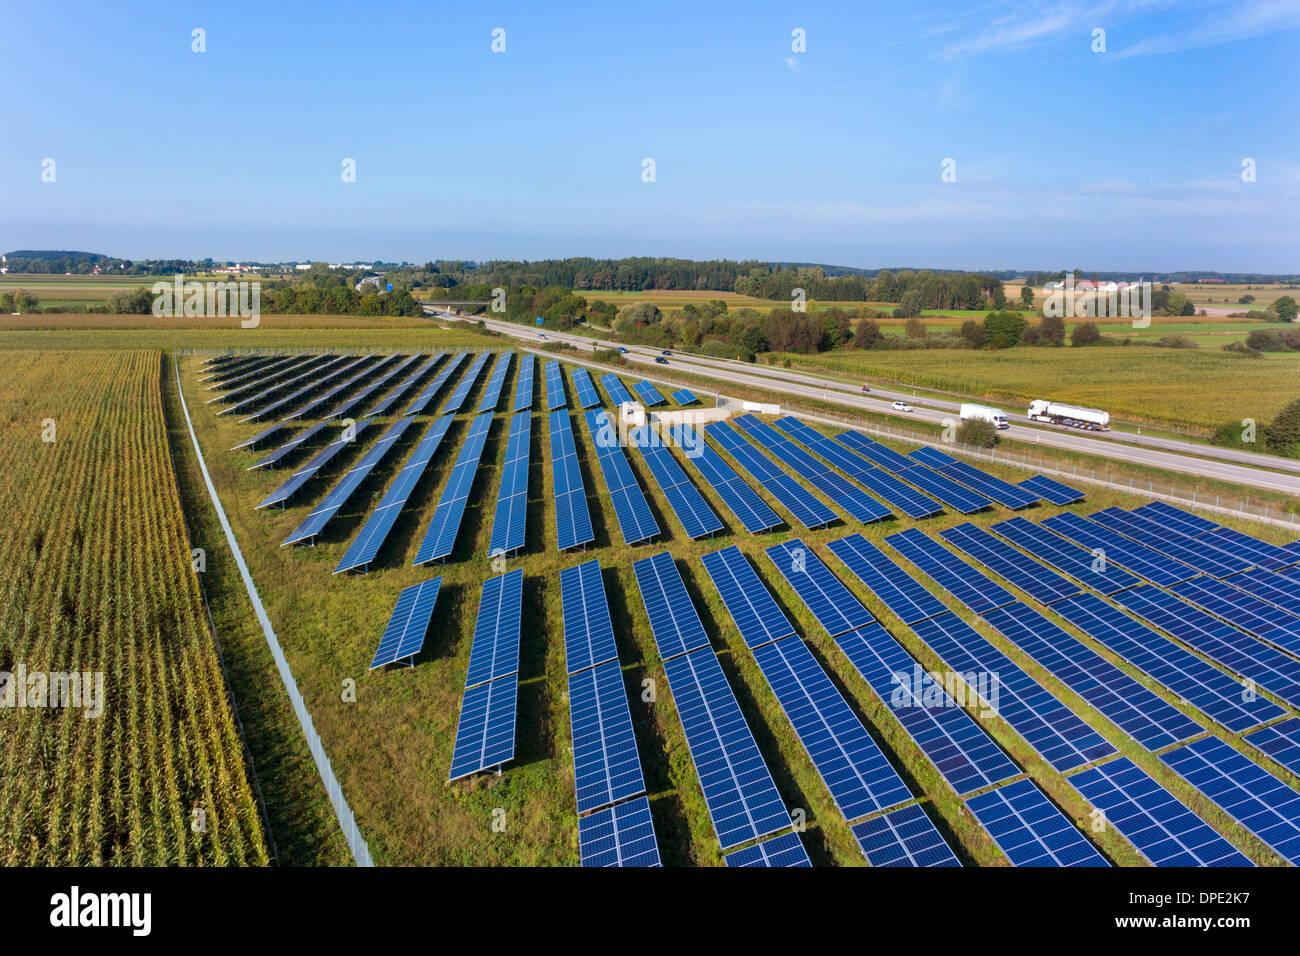 Vista de paneles de energía solar, Munich, Baviera, Alemania Imagen De Stock